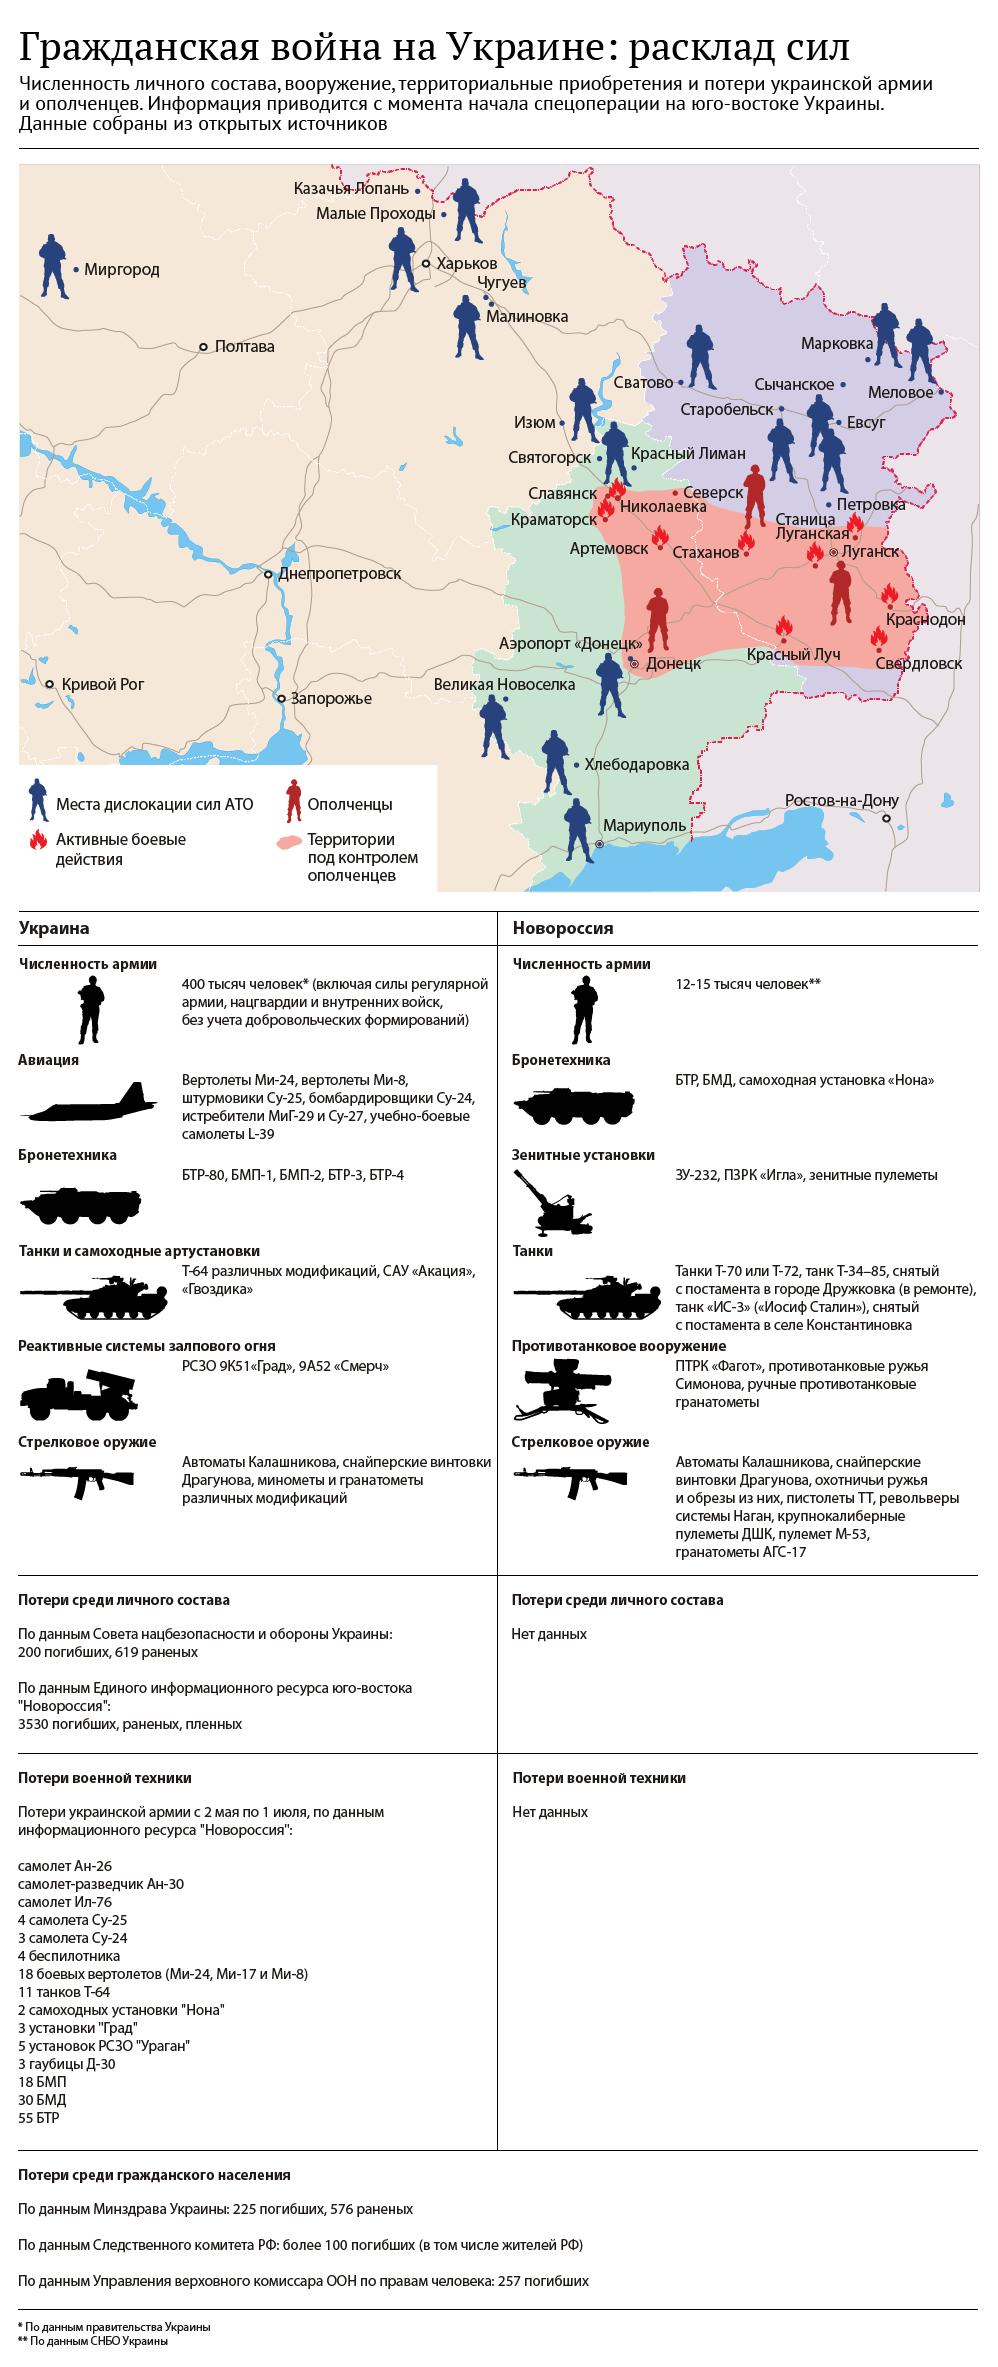 Колонна бронетехники ополченцев вошла в Донецк